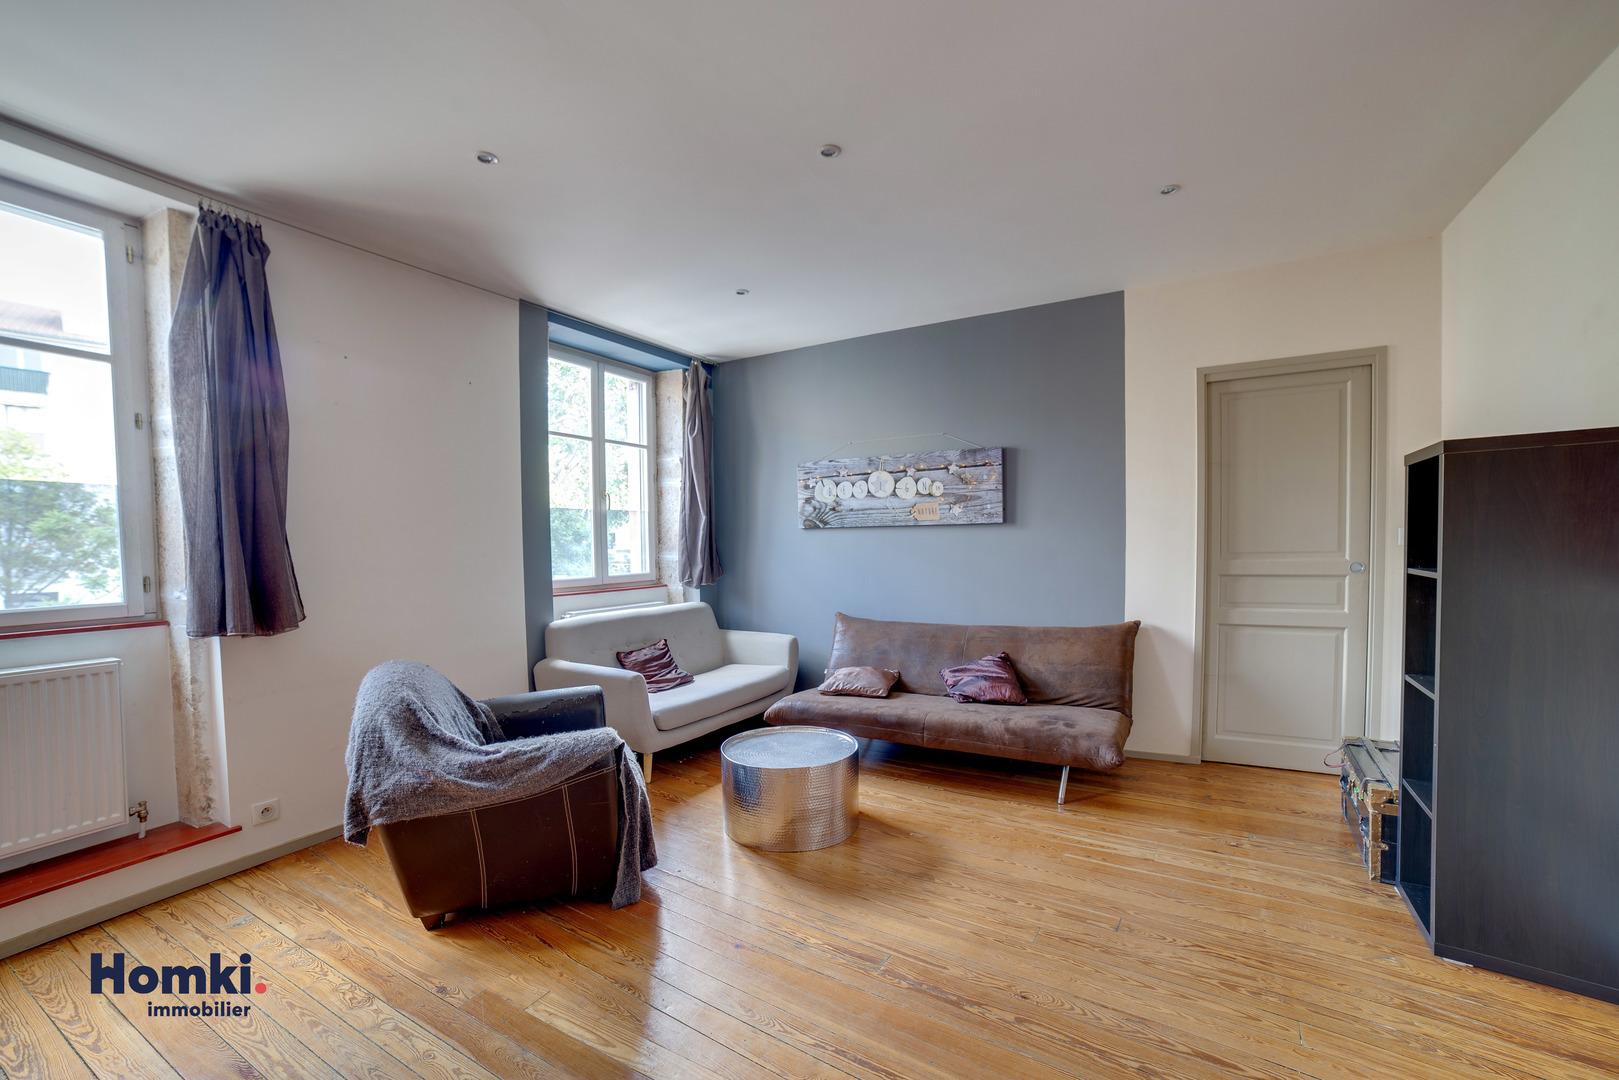 Vente Appartement Lyon 69008 T2_3